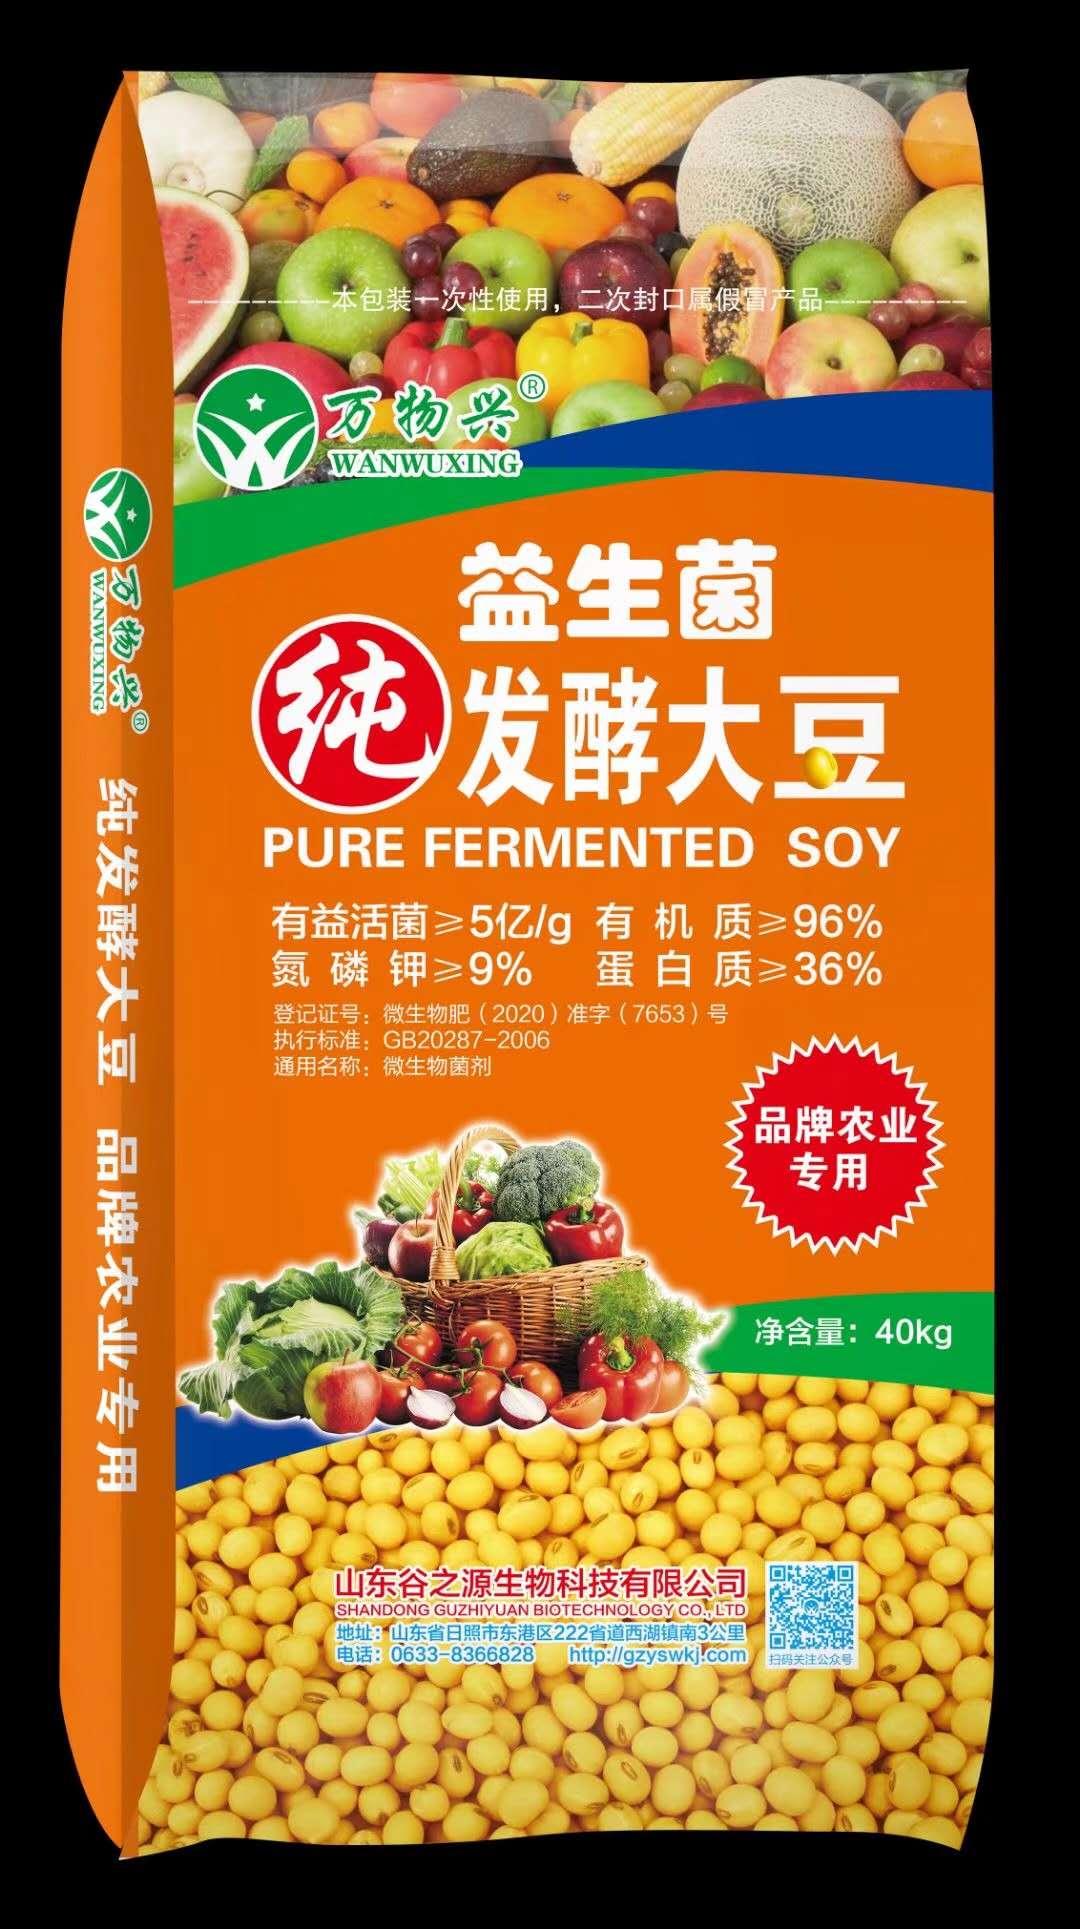 發酵大豆有機肥